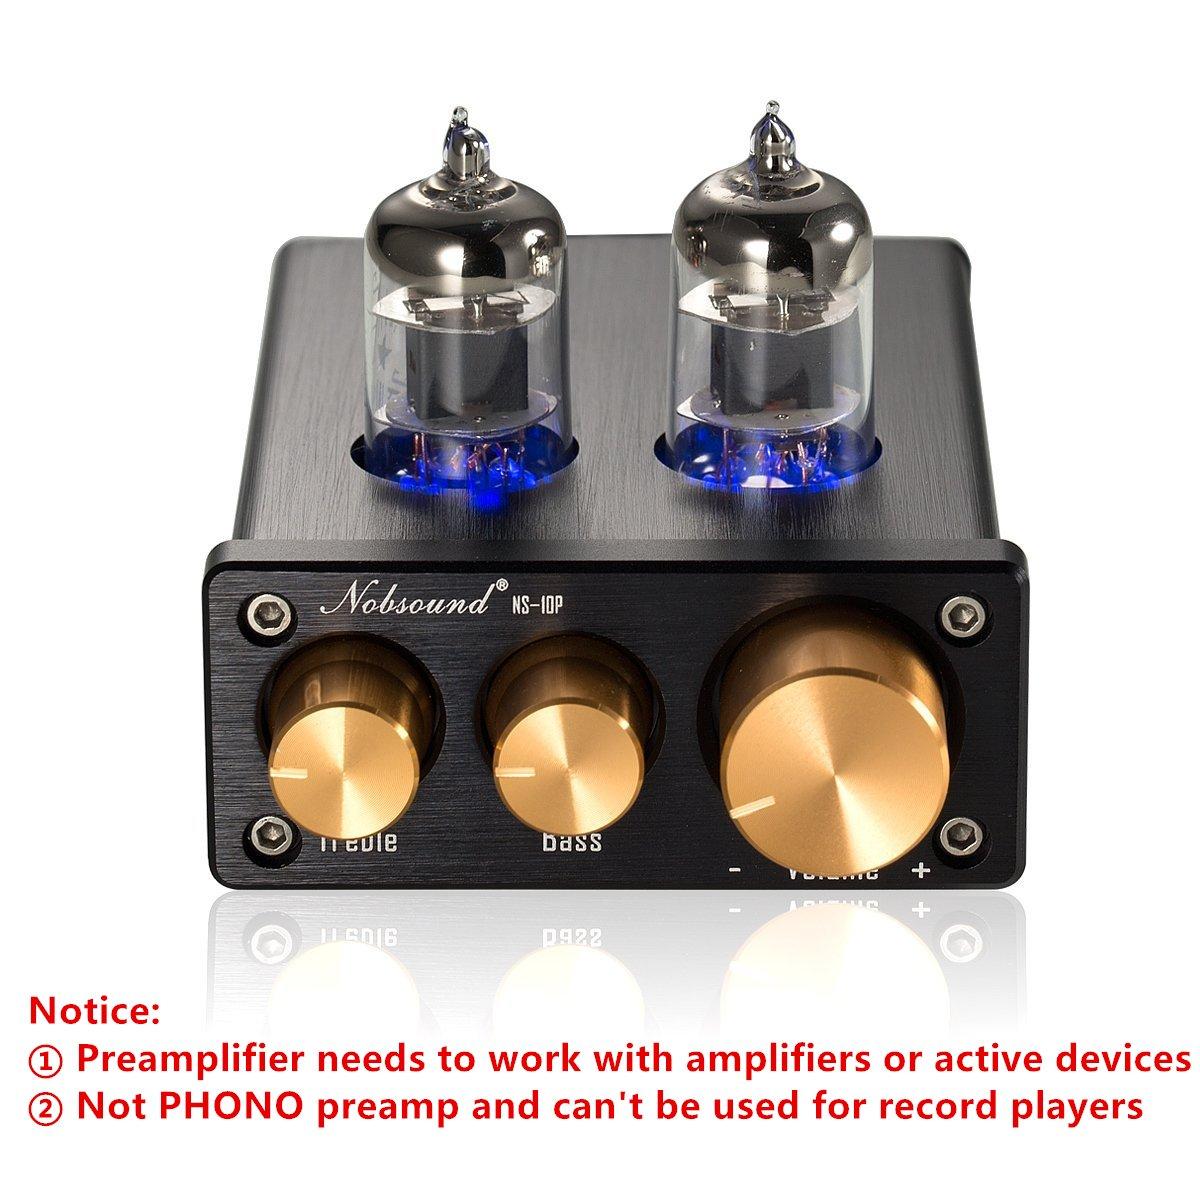 Amazon.com: nobsound ns-10p Mini Vacuum Tube Preamp Audio Hi ...